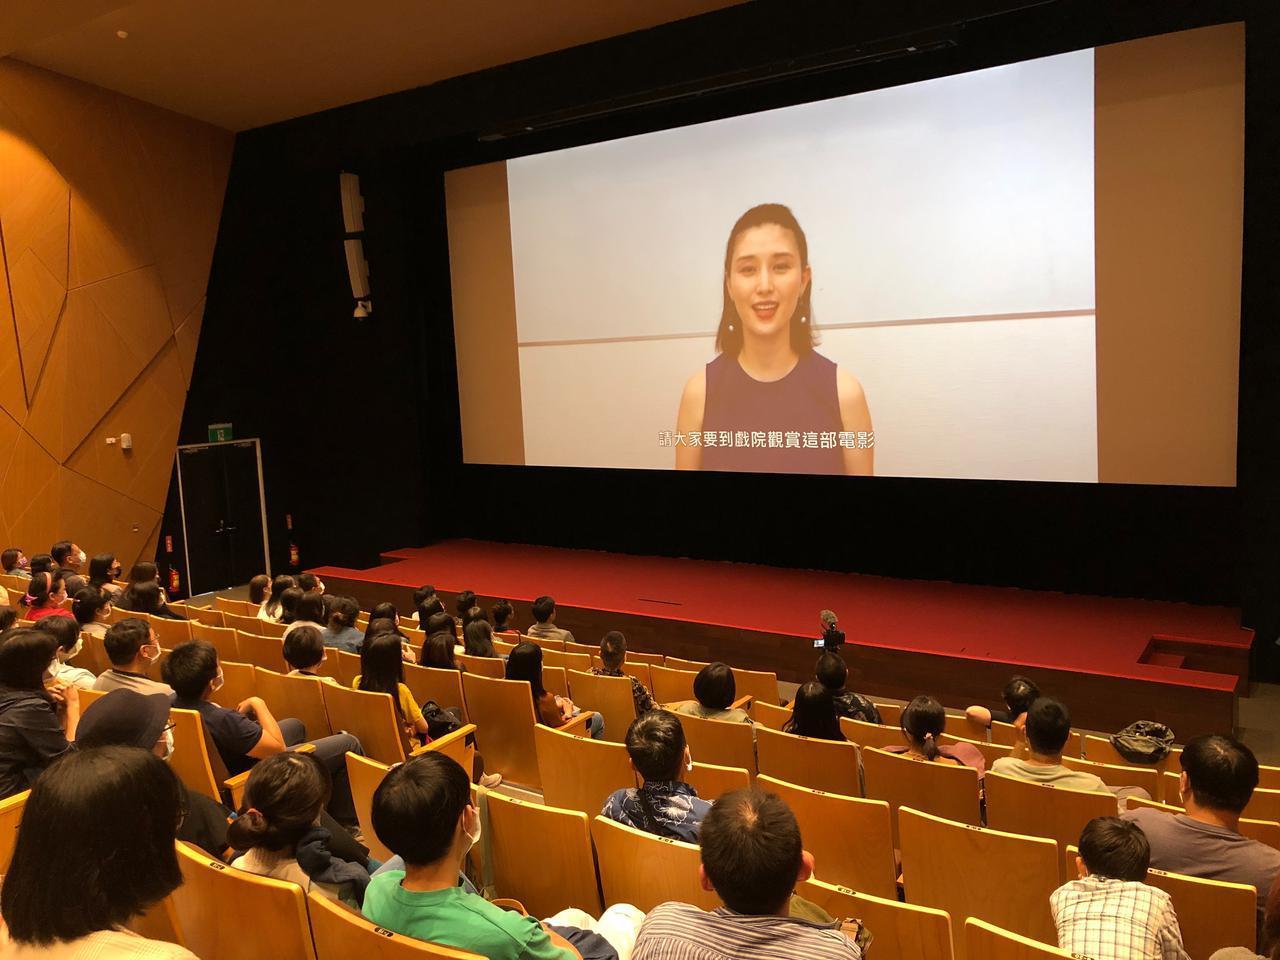 画像2: ■峯田と橋本のリモートでの会見参加に沸き立つ台湾マスコミ